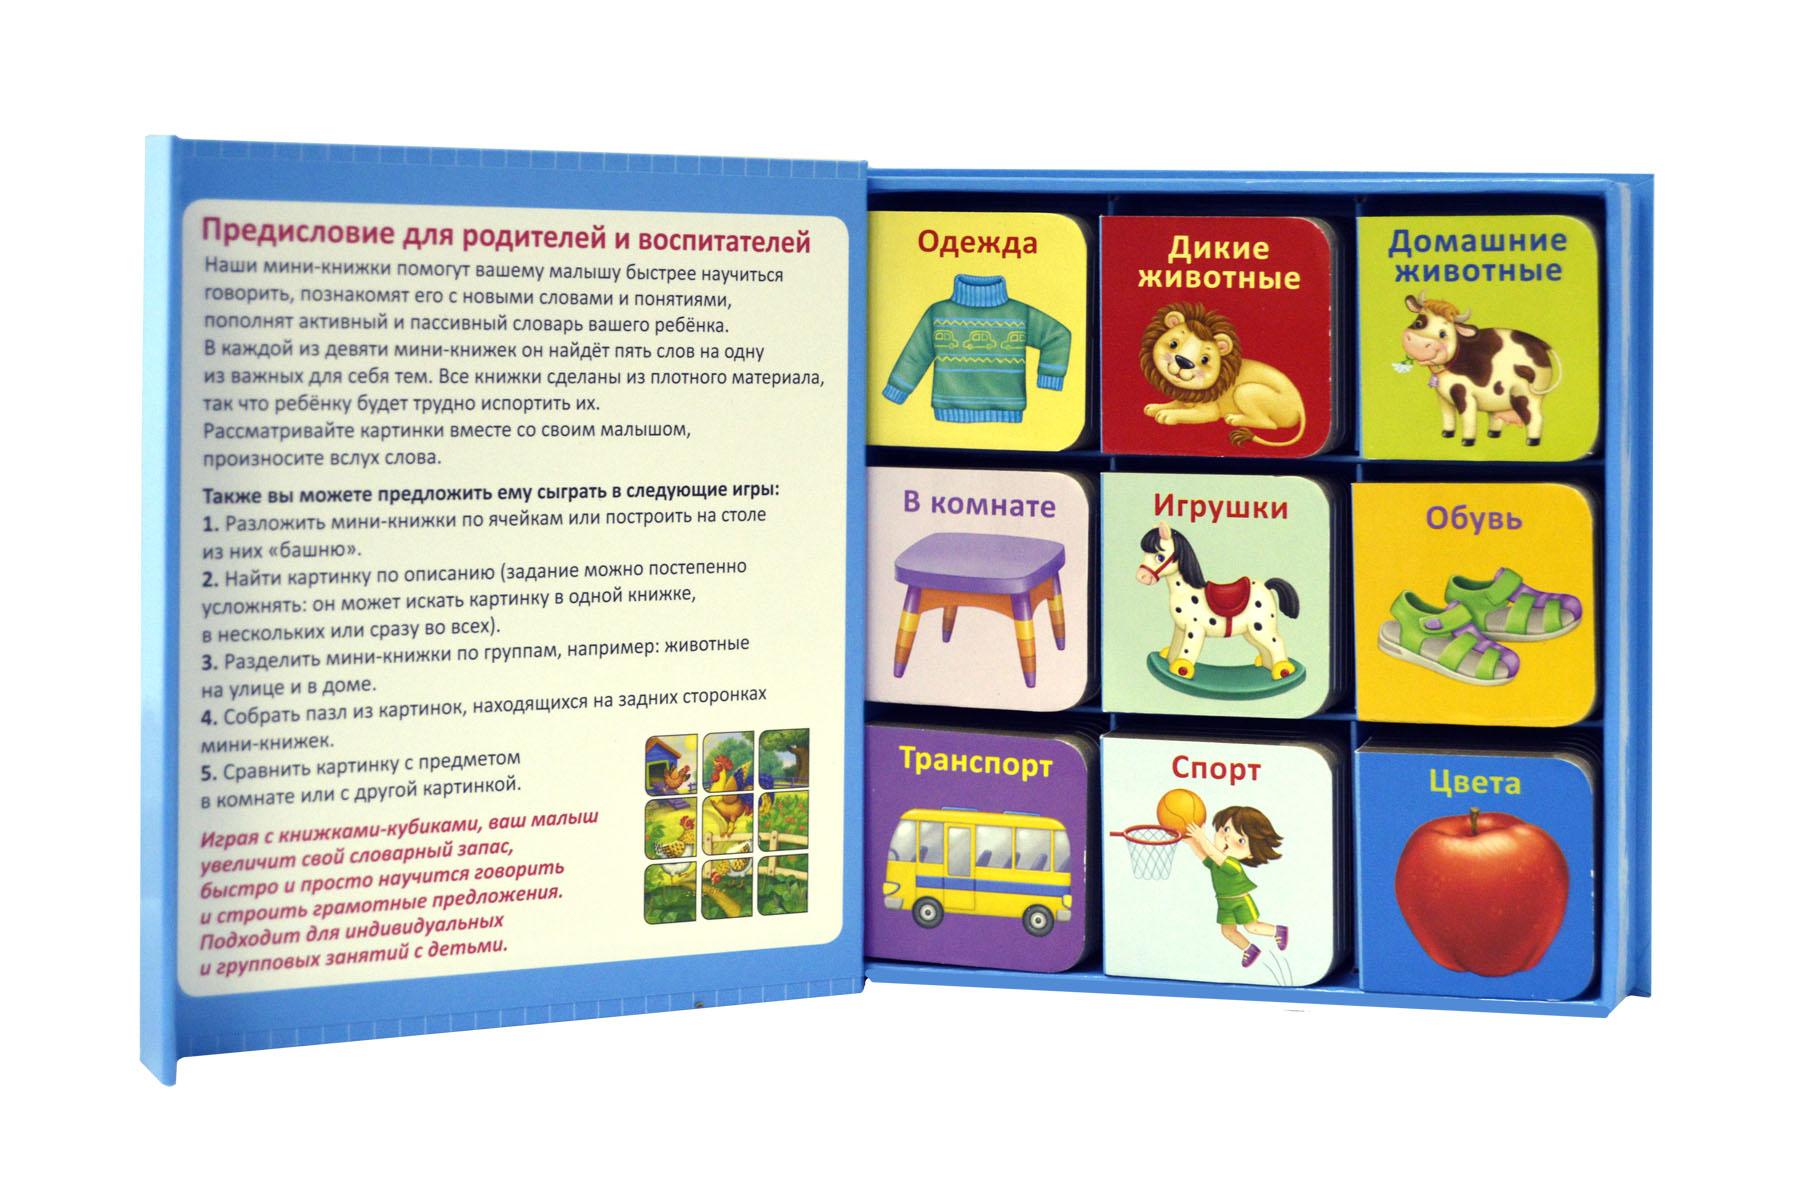 Робинс. Мини-книжки для малыша - Набор книжек-кубиков – это обучающее игровое пособие для детей. Внутри вы найдете 9 мини-книжек на самые первые развивающие темы, которые будут интересны мальчикам. Яркие картинки и подписи к ними помогут малышу познакомиться с окружающим миром, научиться